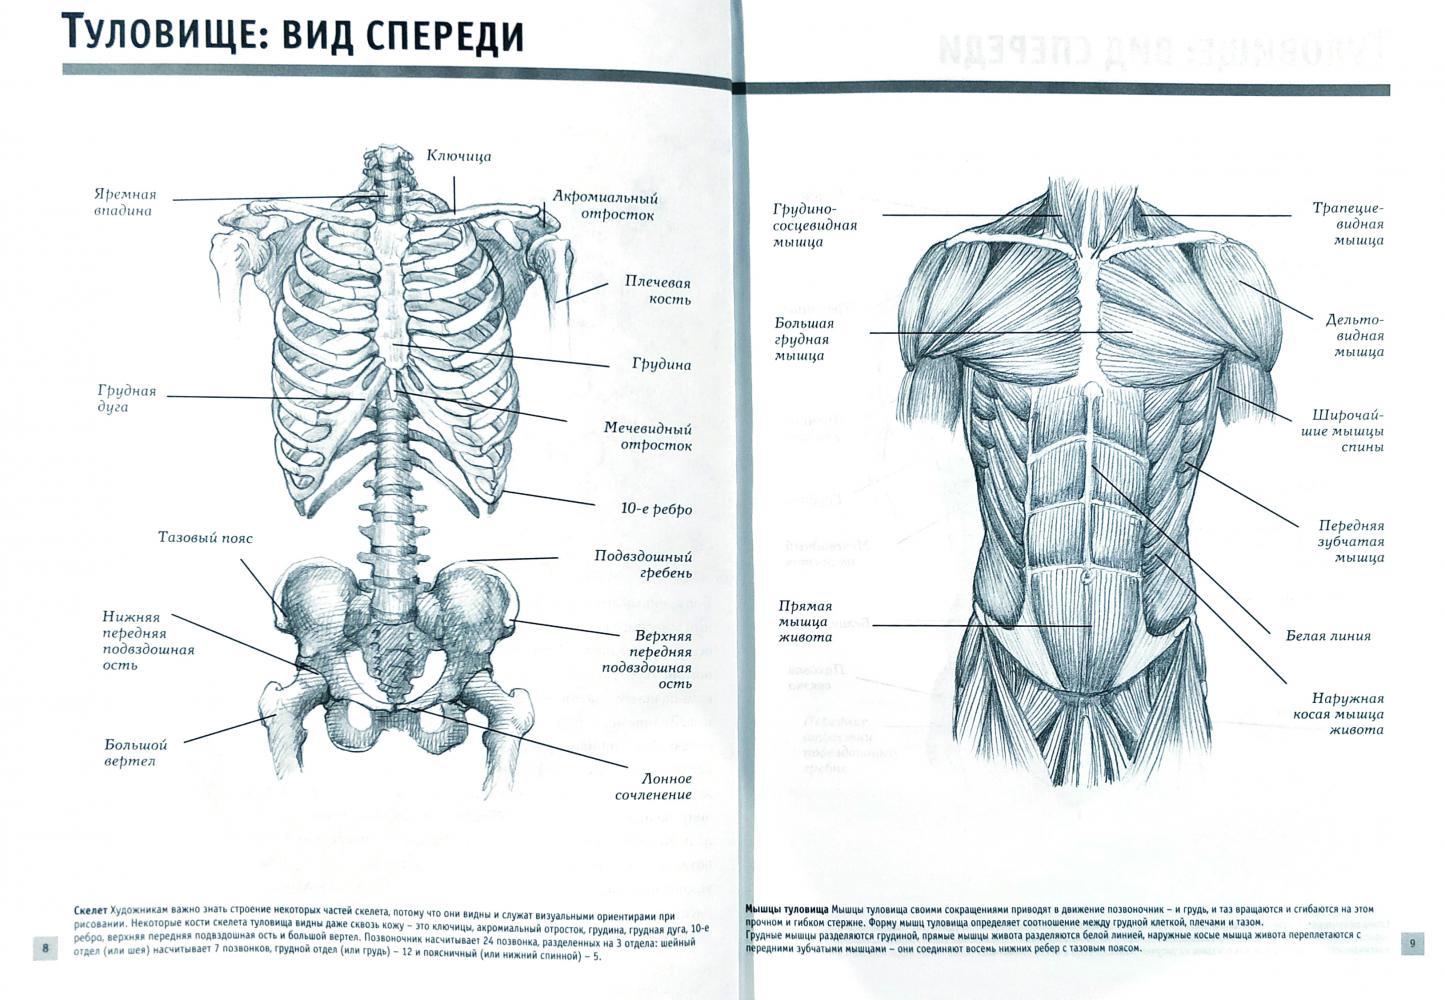 Прокачиваем мышцы спины: руководство для начинающих как сделать спину широкой и рельефной